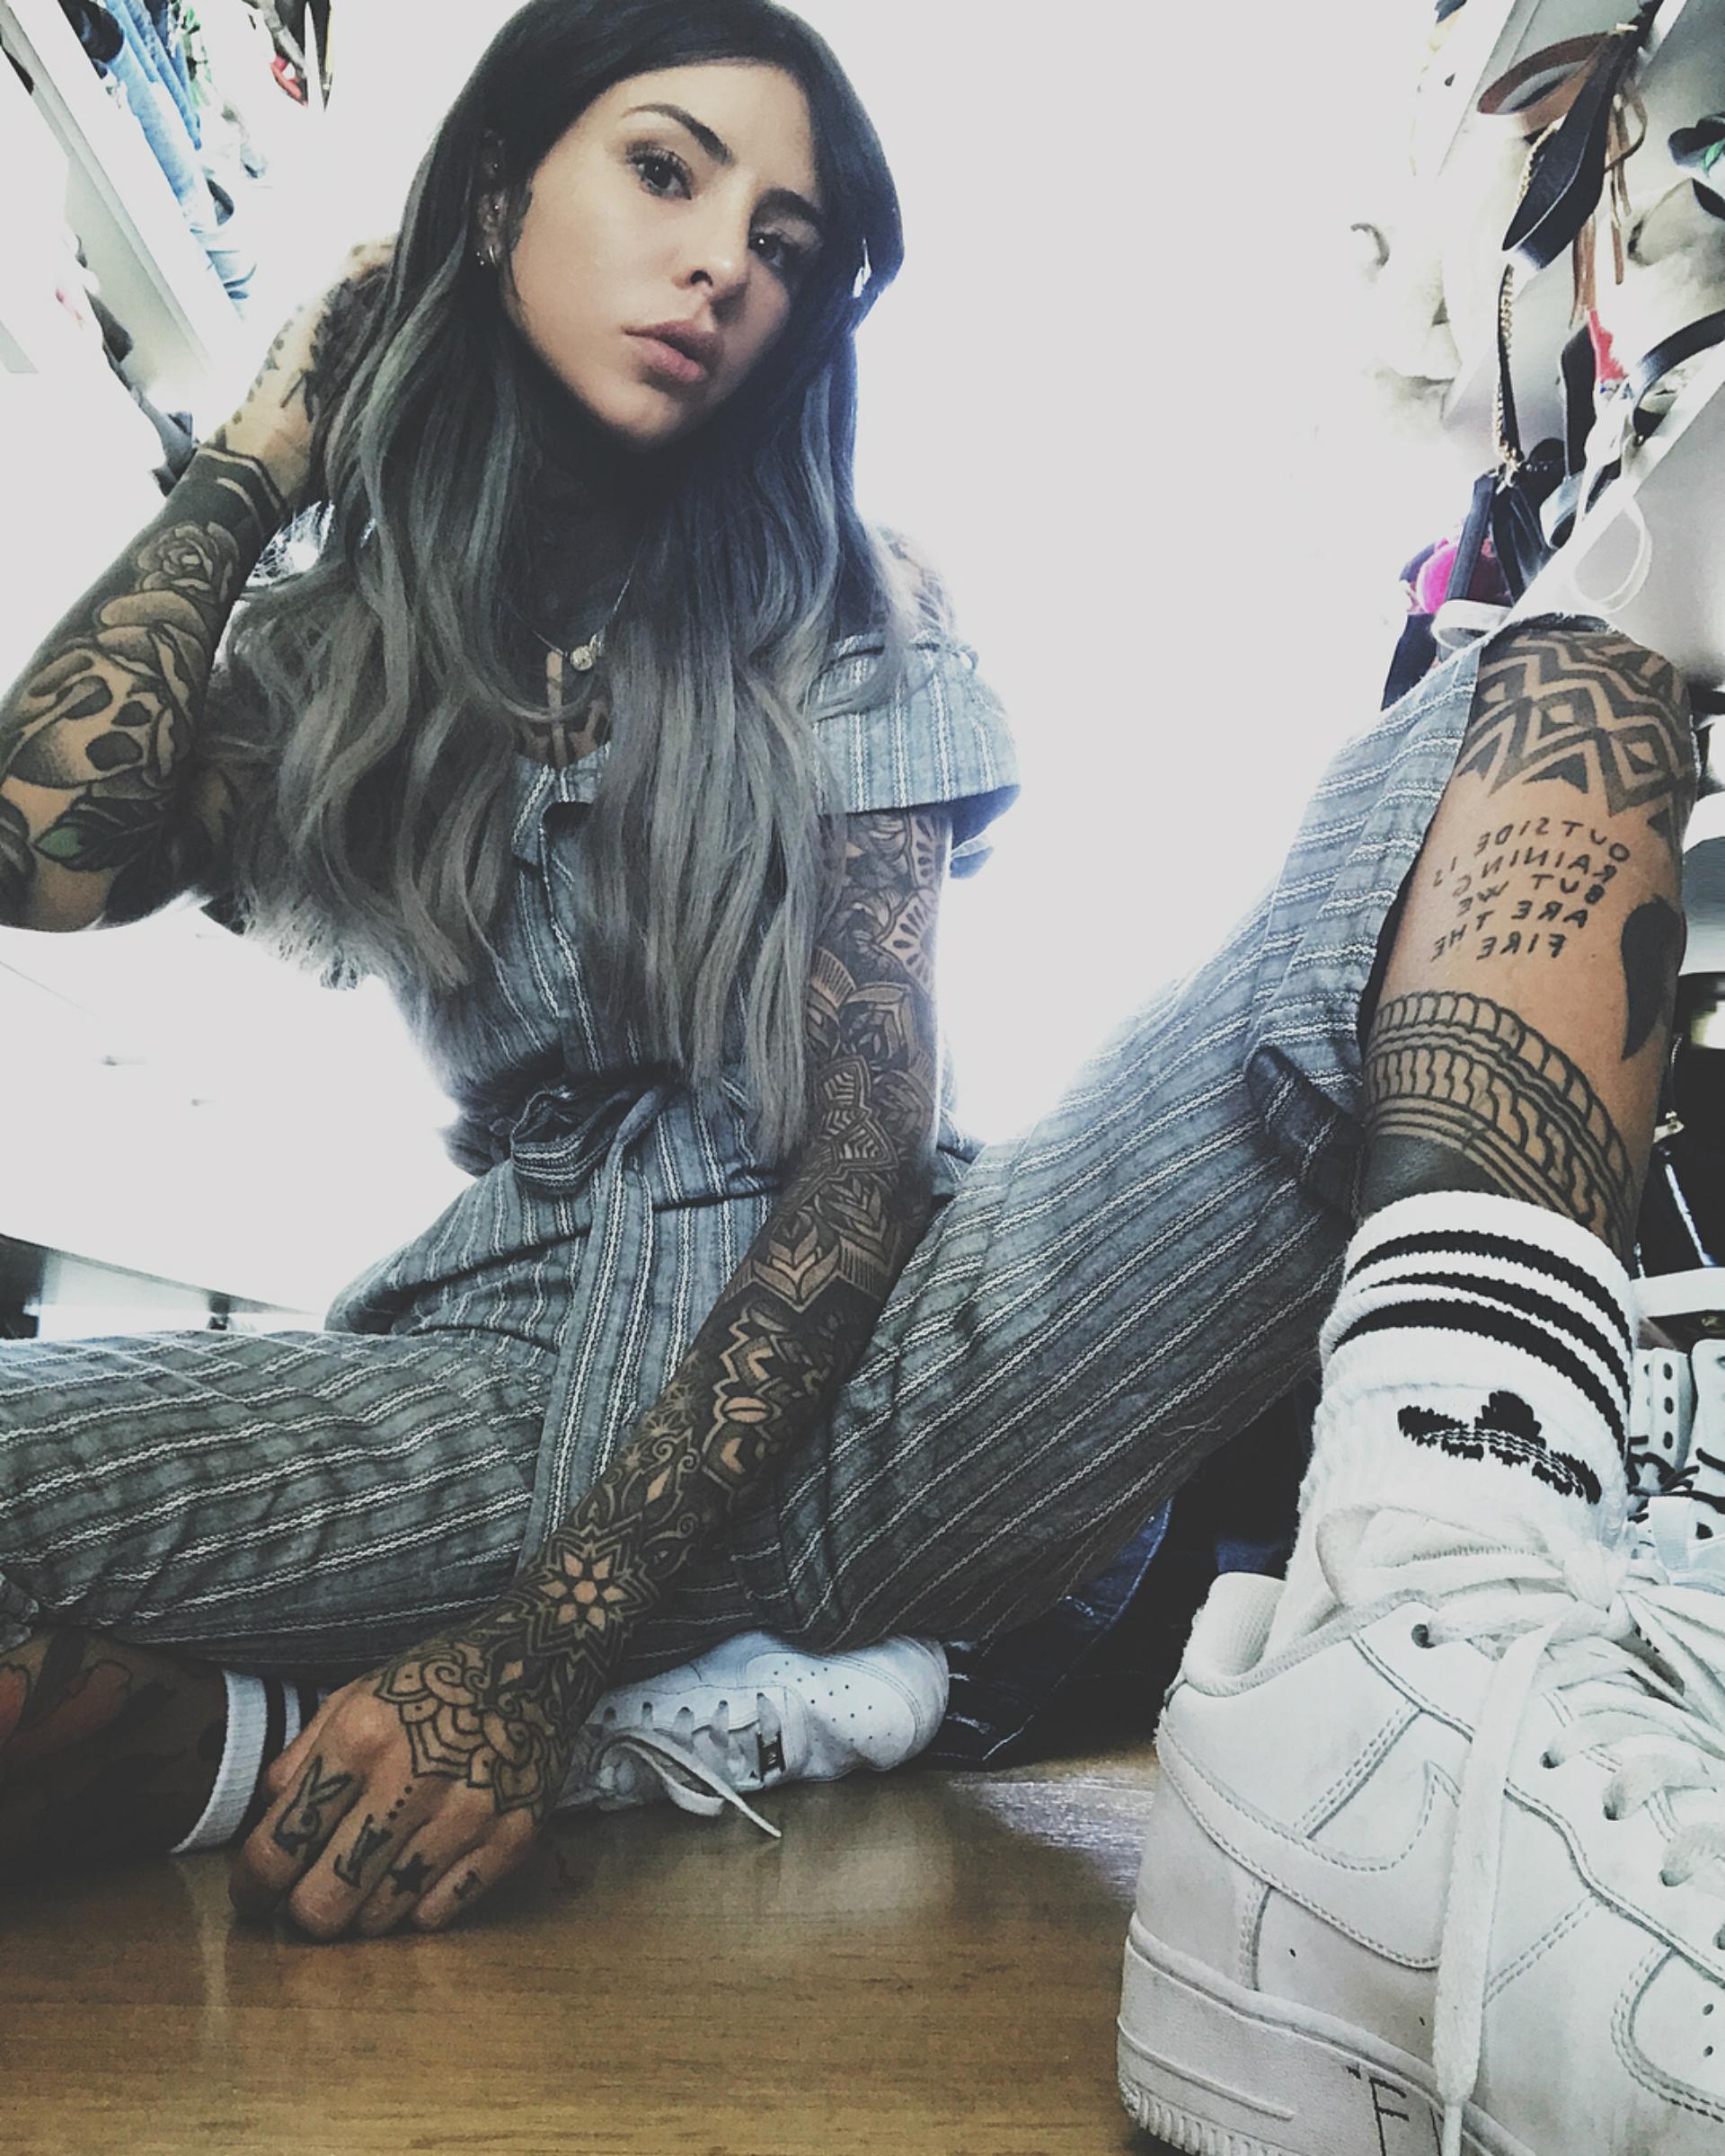 Candelaria Tinelli se cambió el look: se hizo unas mechas grises. Este color es una tendencia que se puso de moda (Instagram)